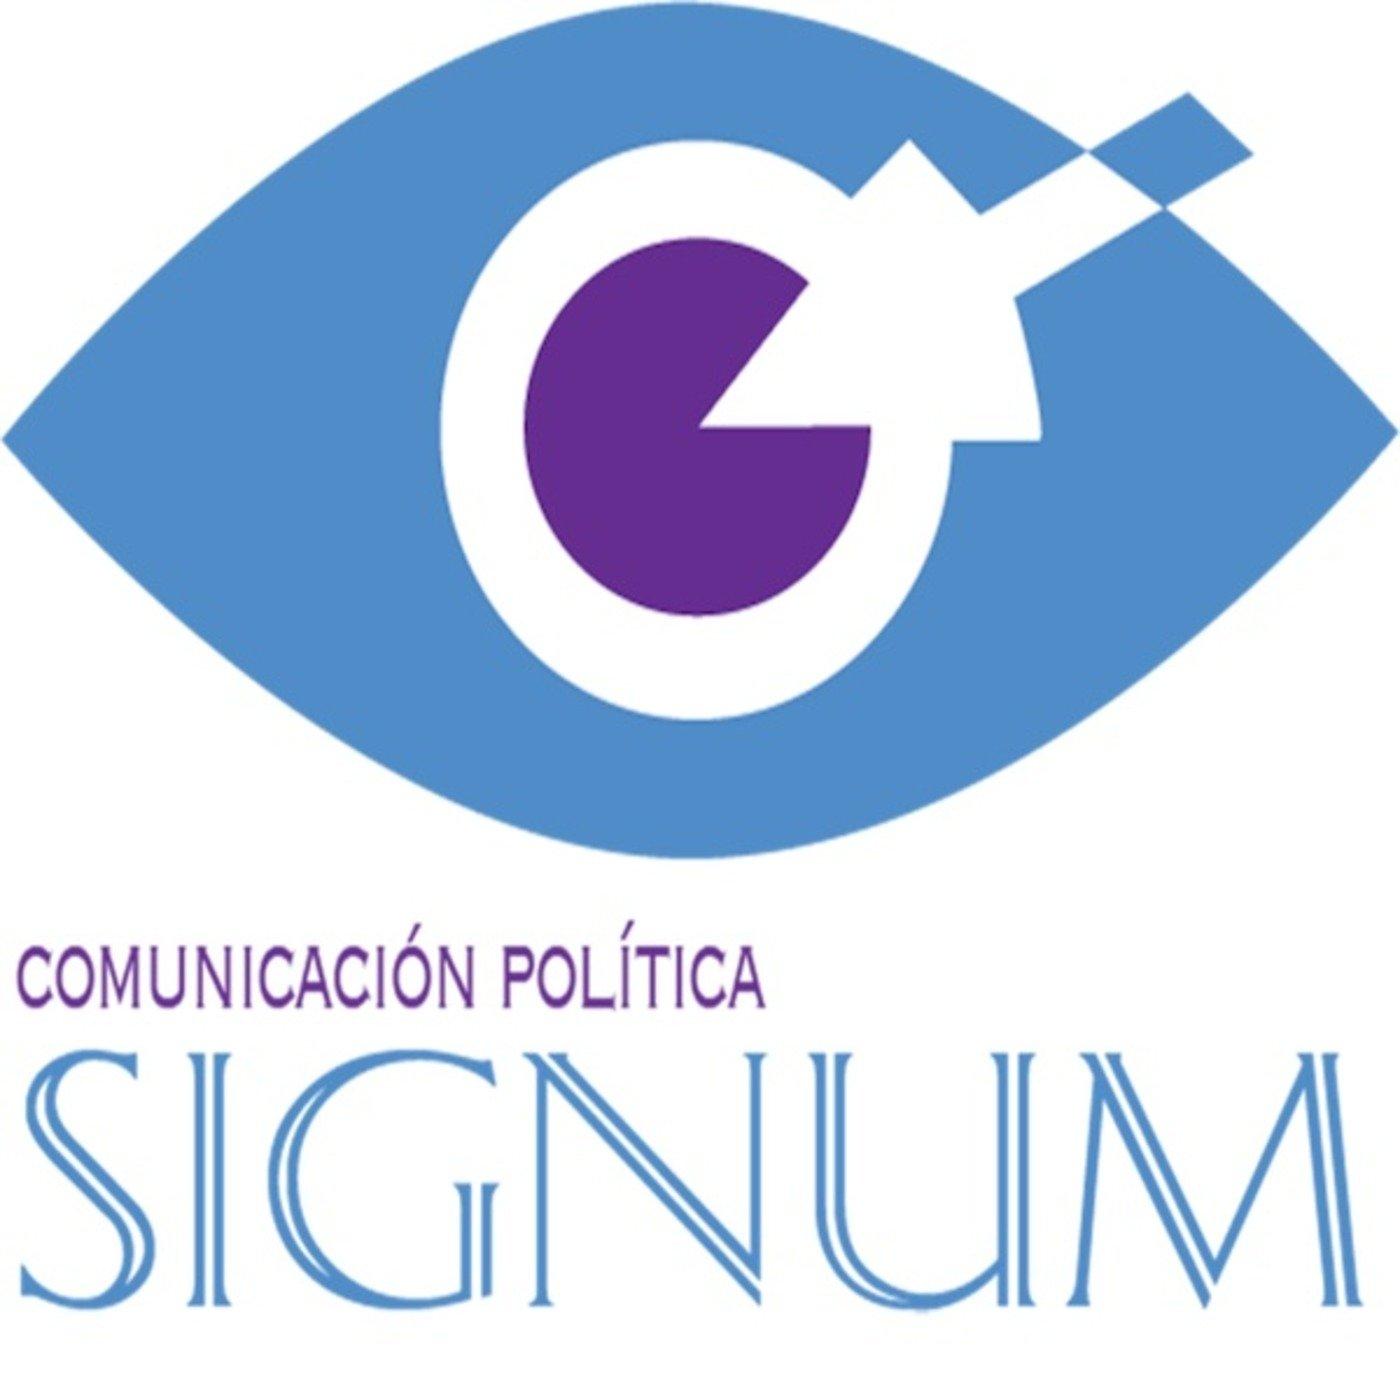 <![CDATA[Libertad de expresión y campañas políticas]]>